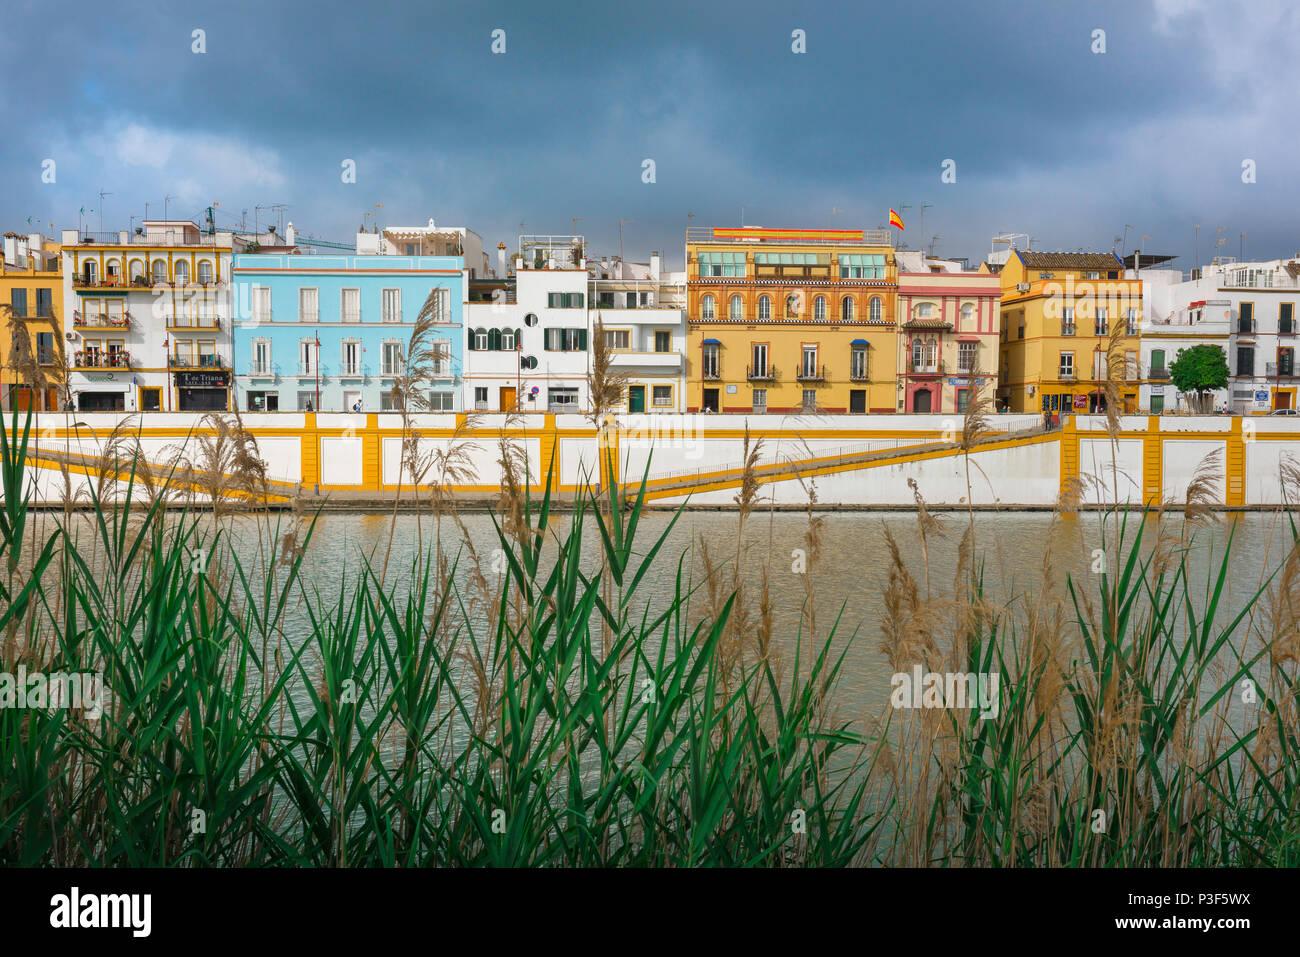 Andalucia river, vista de casas y apartamentos en el barrio de Triana de Sevilla - Sevilla - junto al río Guadalquivir, en Andalucía, España. Imagen De Stock